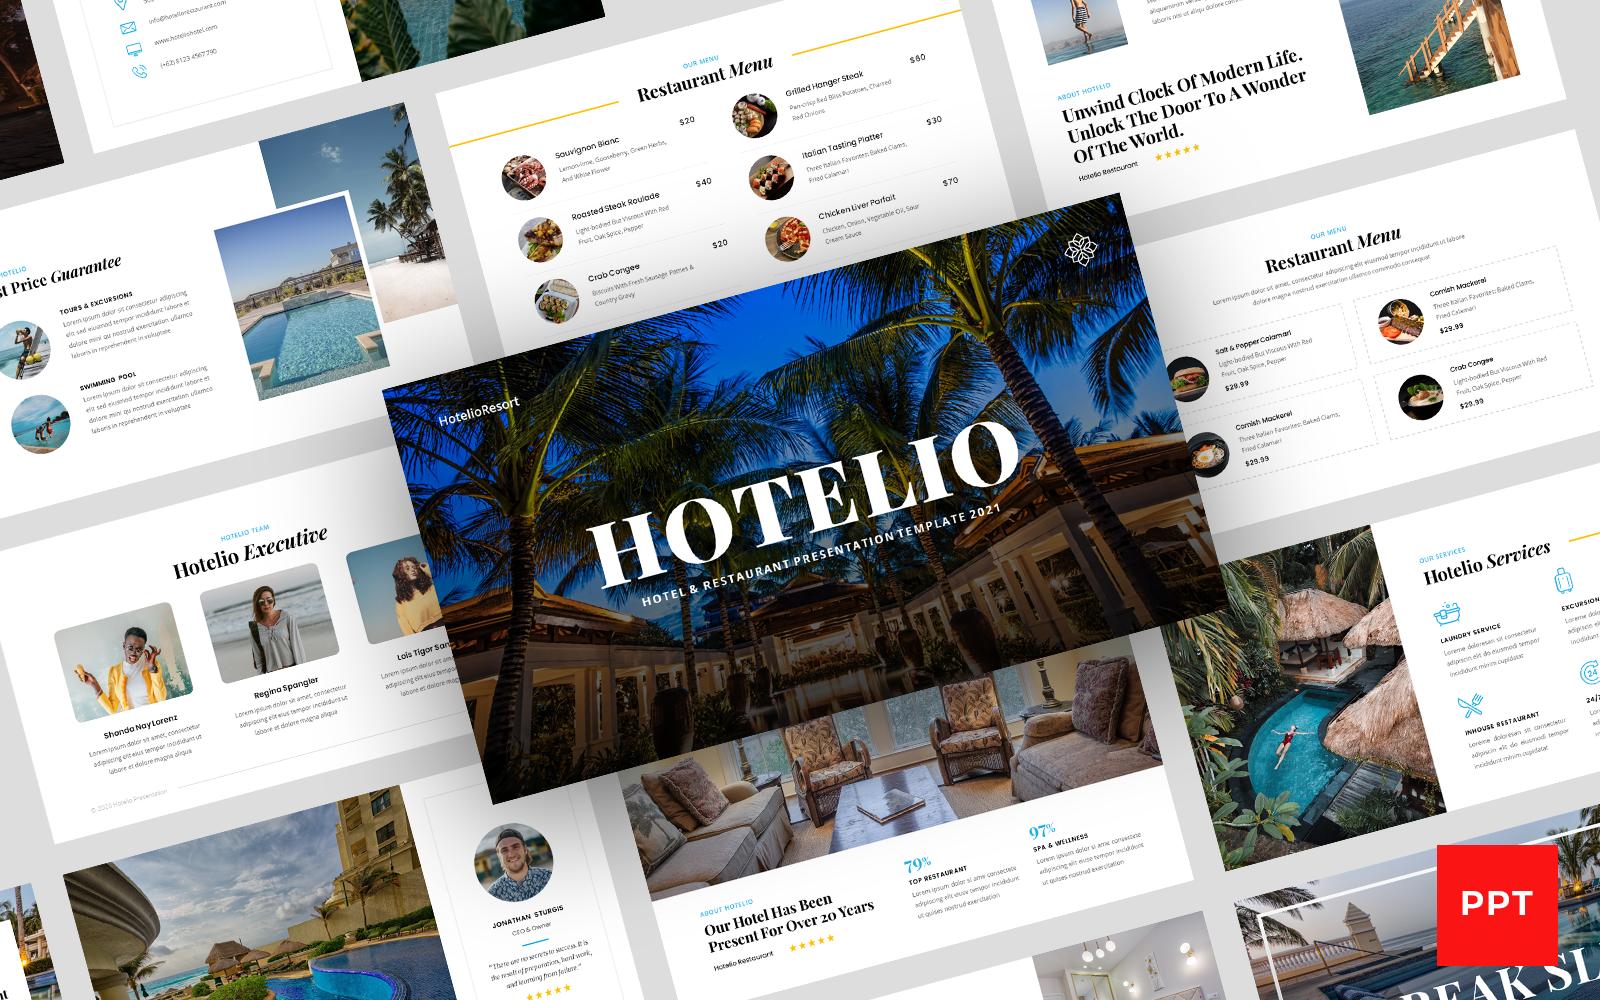 Hotelio - Hotel & Restaurant Presentation PowerPoint template